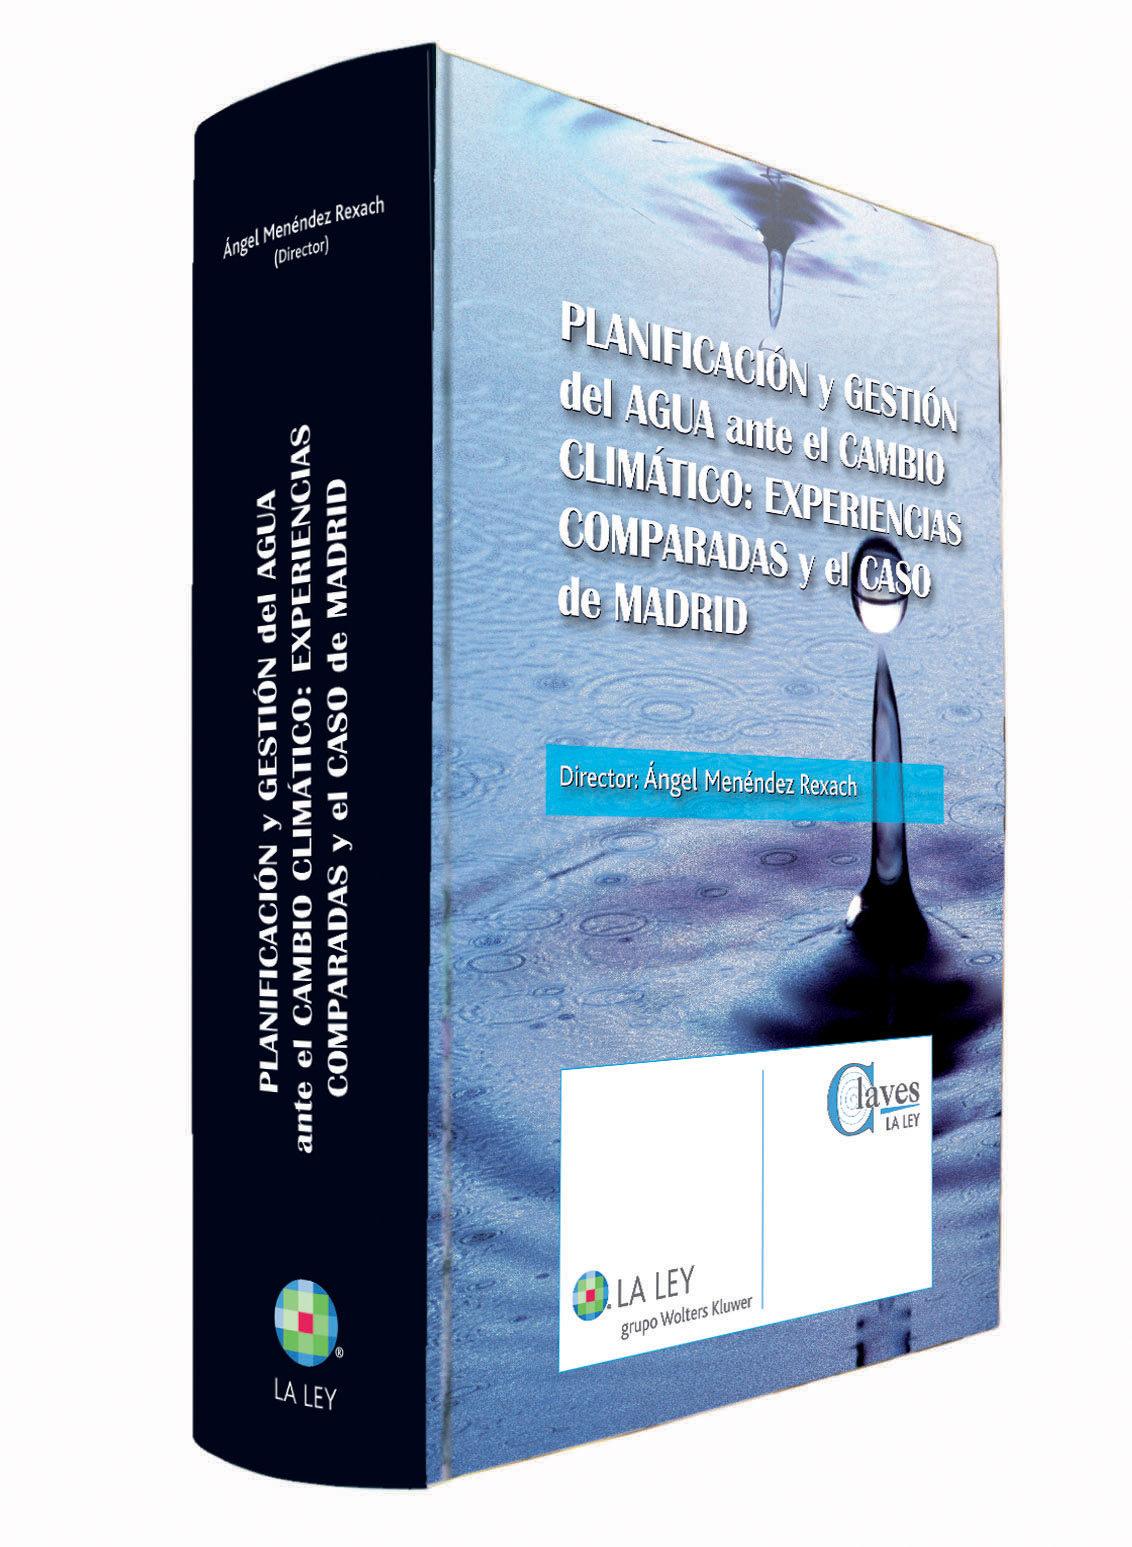 descargar PLANIFICACION Y GESTION DEL AGUA ANTE EL AMBITO CLIMATICO EXPERIE NCIAS COMPARADAS Y EL CASO DE MADRID pdf, ebook